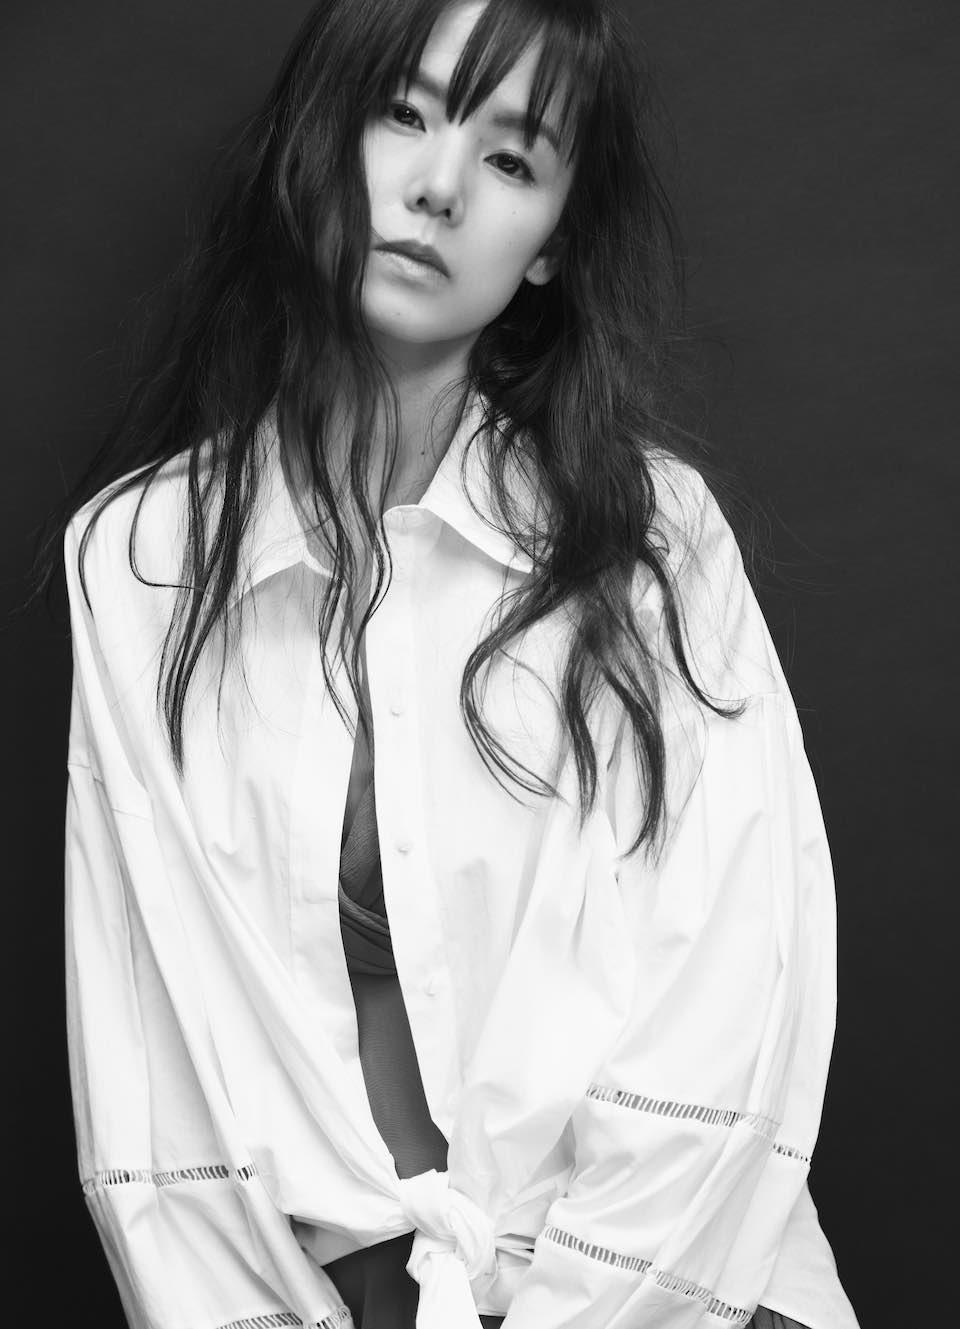 小西真奈美、豪華プロデューサー陣を迎えたポップアルバム『Cure』の発売が決定!